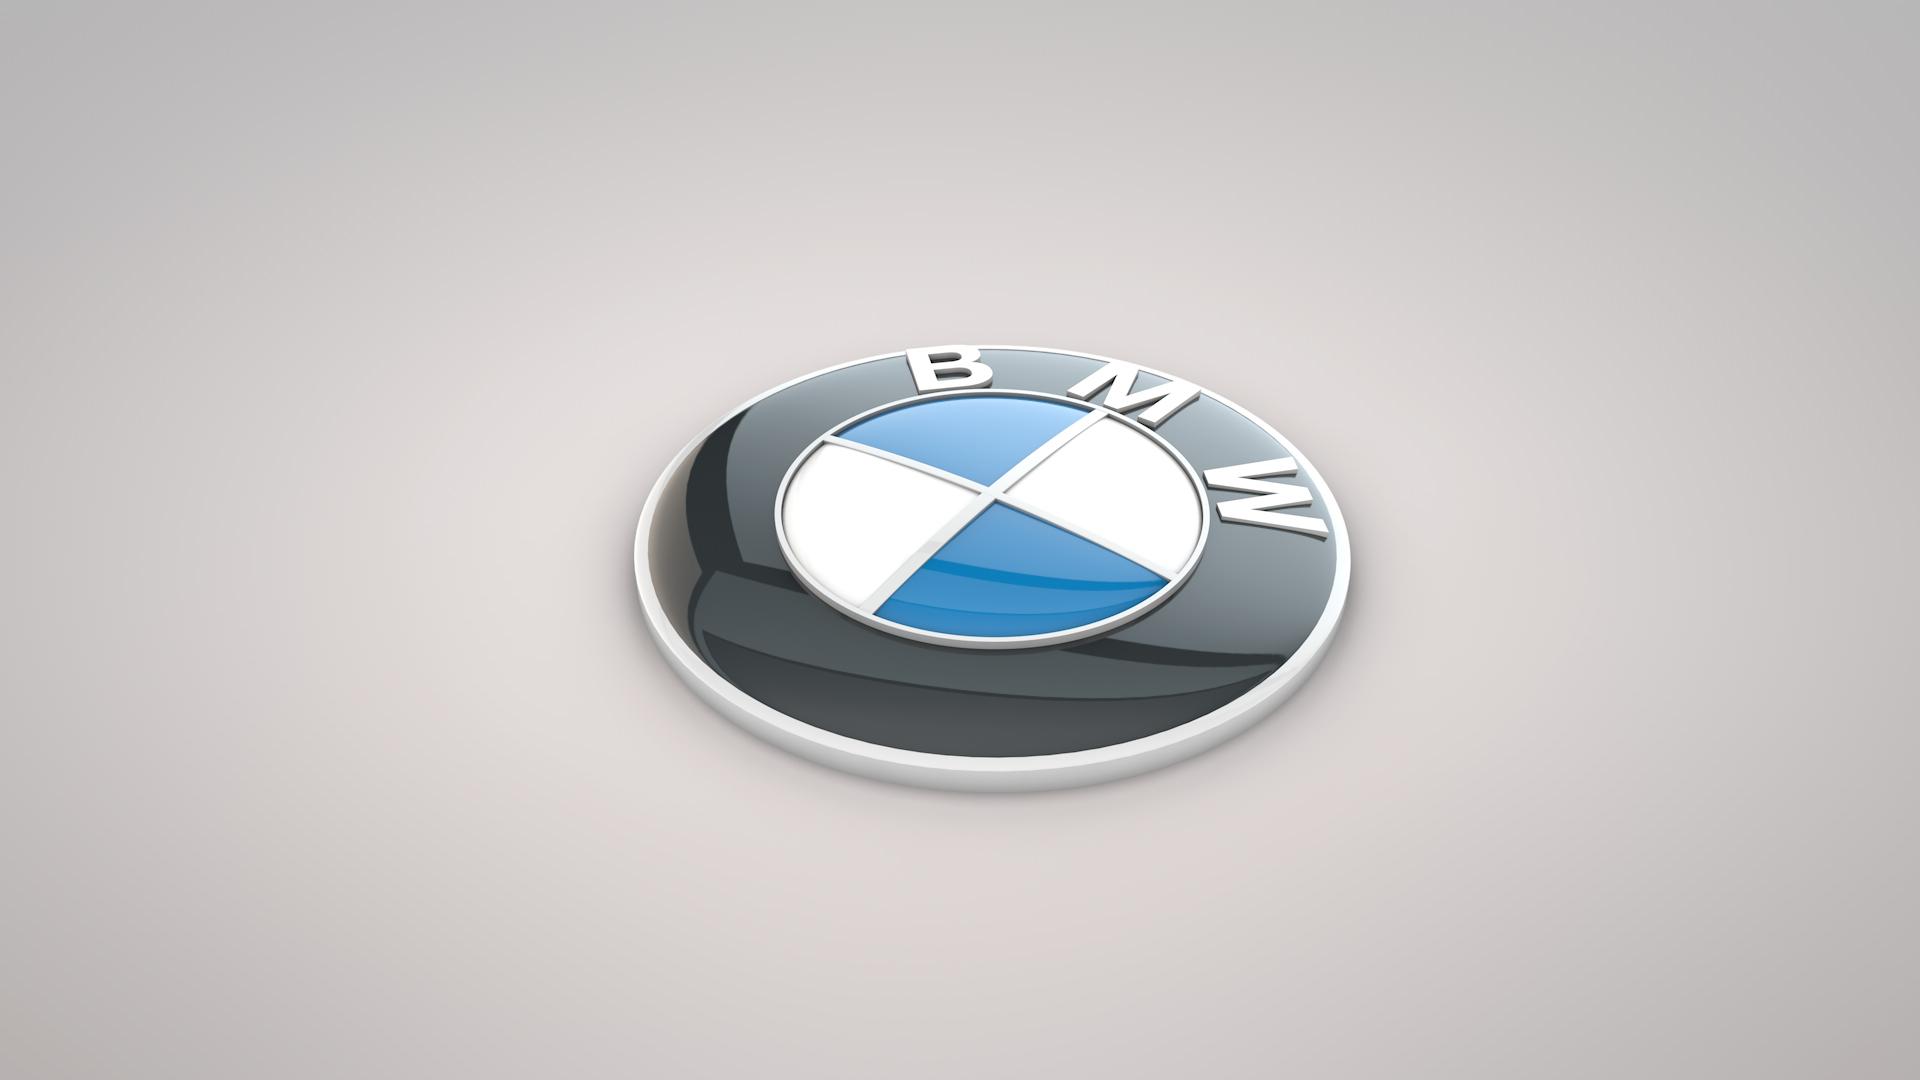 BMW Logo Wallpapers   Wallpaper Zone 1920x1080